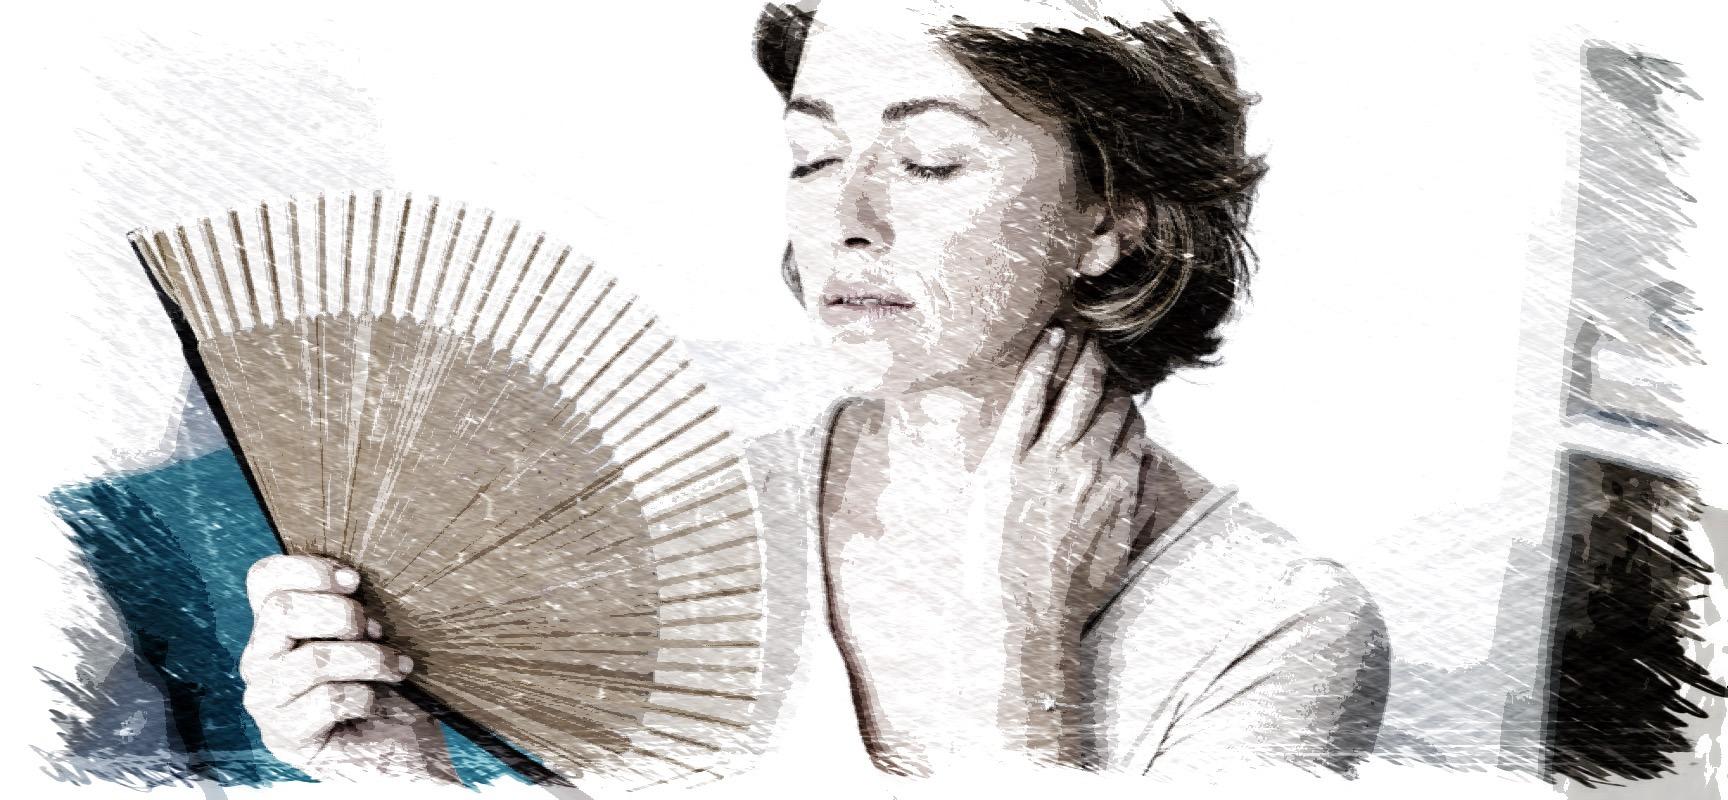 menopausia,estrogenos,fitoestrogenos,soja,isoflavonas,garcinia cambogia,maca,herbolario online,cosmética natural,tratamientos naturales,productos naturales